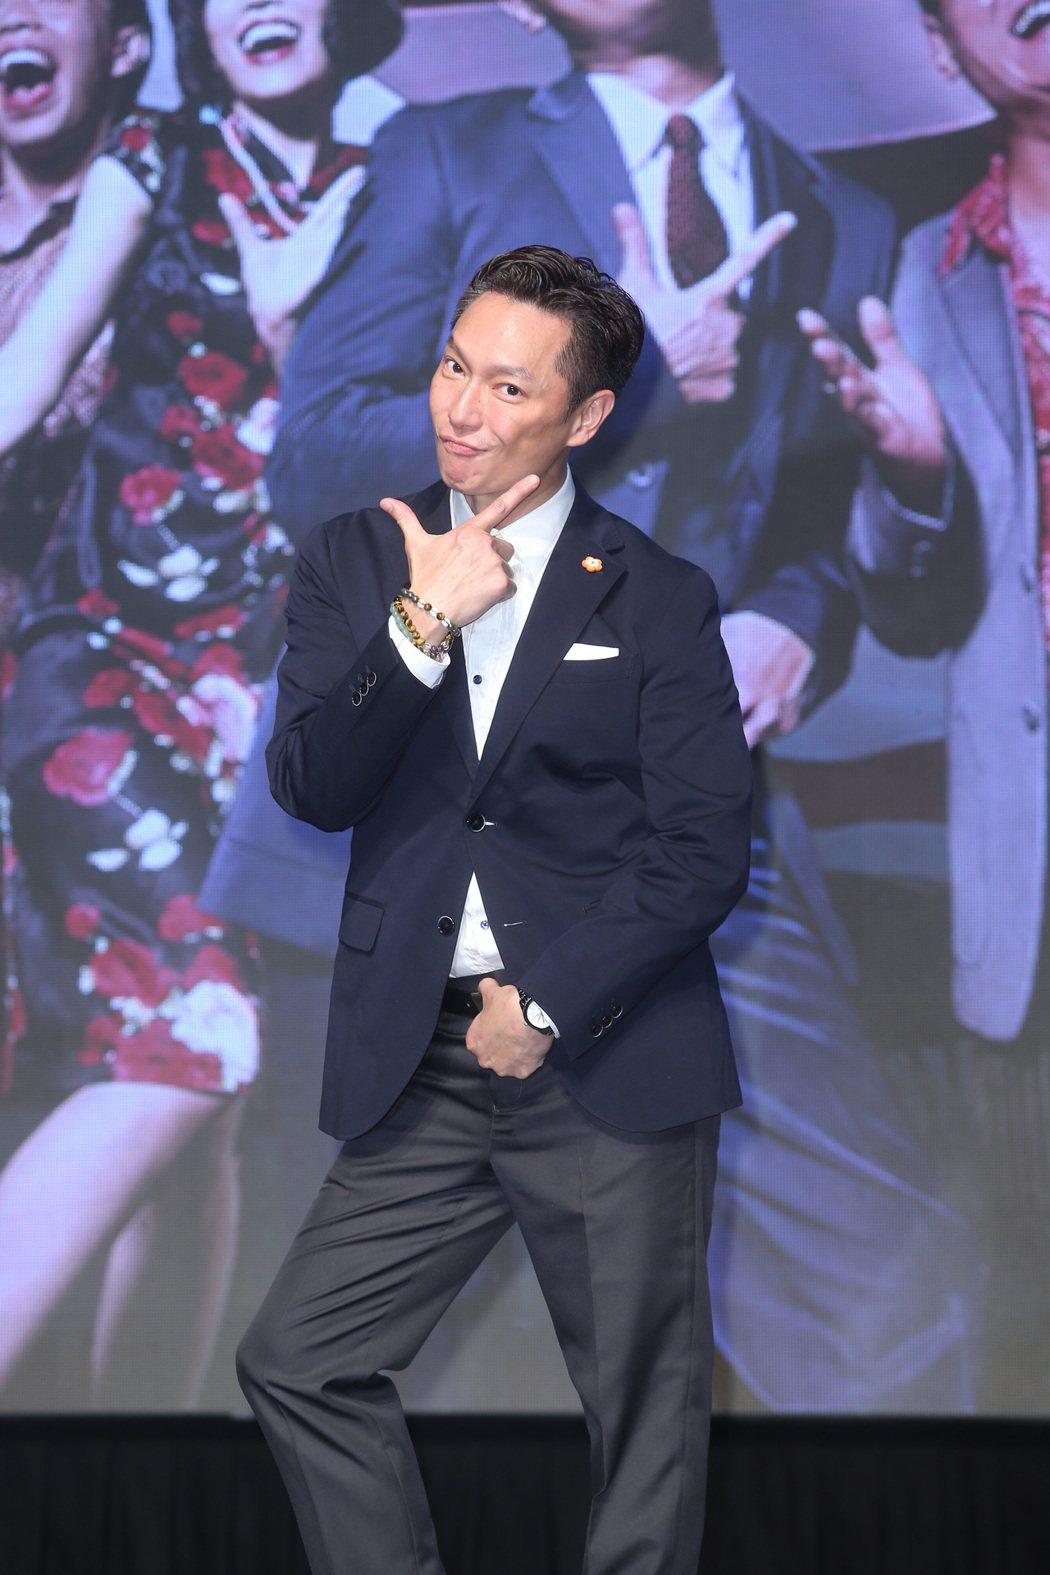 文化部《閱讀時光II》首映會,演員謝祖武出席。記者曾吉松/攝影